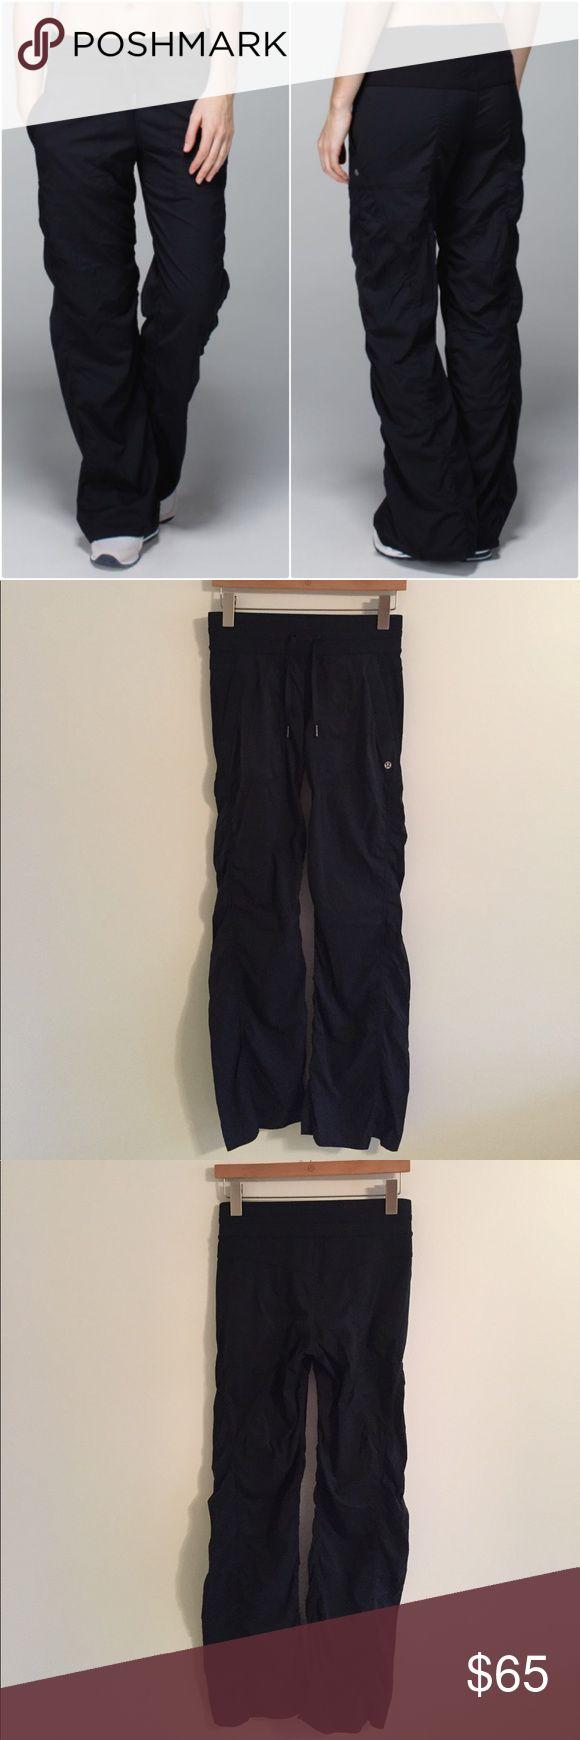 Selling this Lululemon Studio Pant on Poshmark! My username is: lnation818. #shopmycloset #poshmark #fashion #shopping #style #forsale #lululemon athletica #Pants